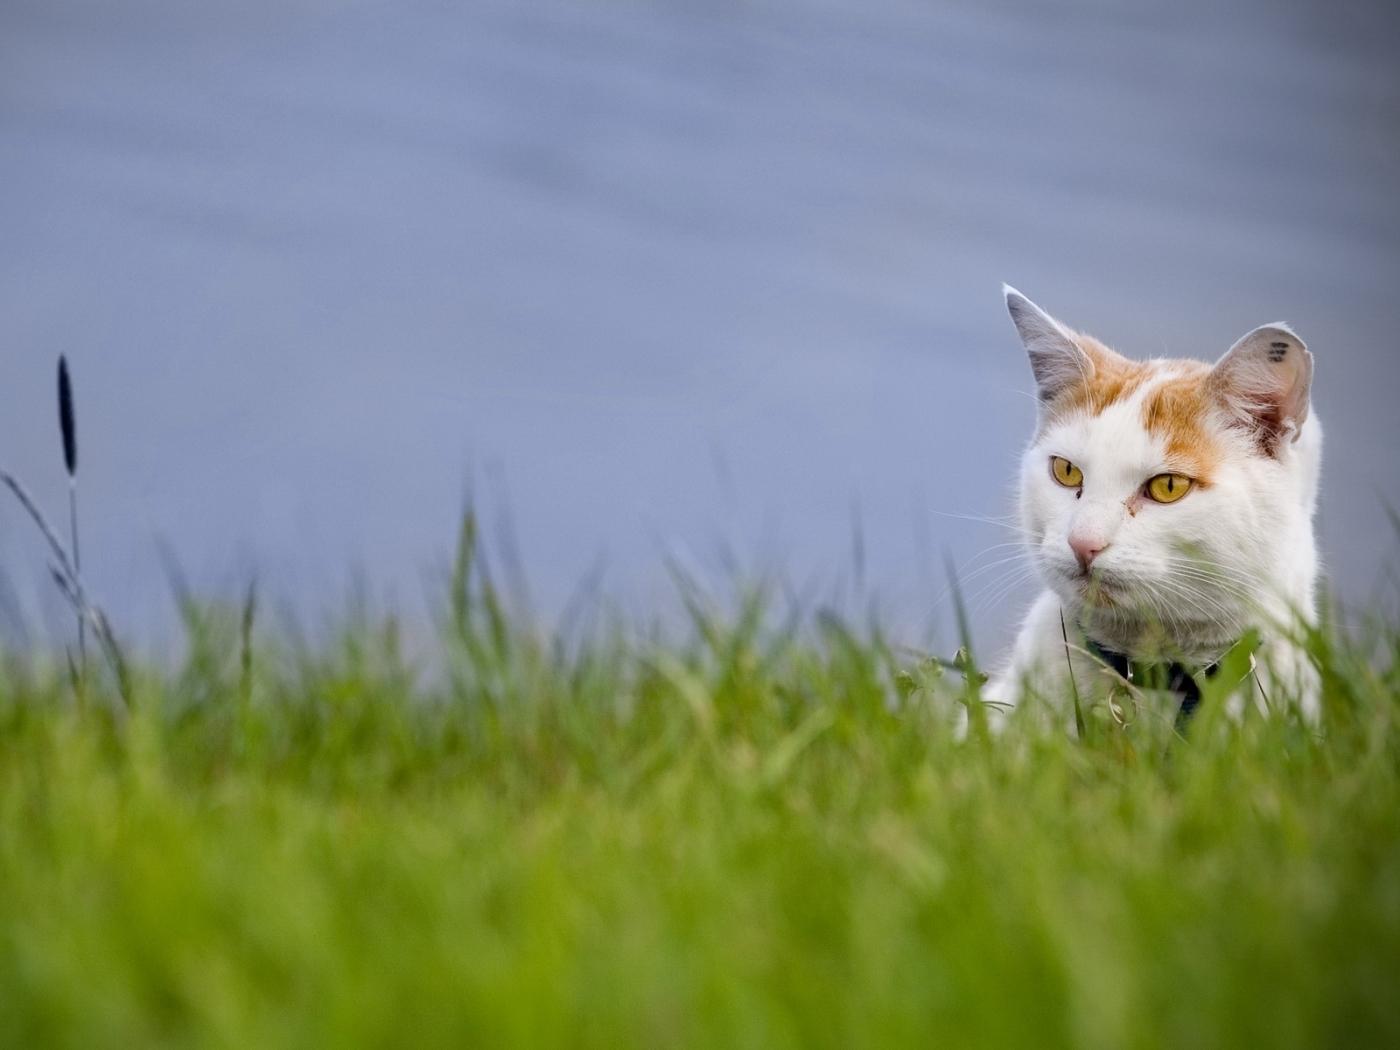 25368 скачать обои Животные, Кошки (Коты, Котики) - заставки и картинки бесплатно